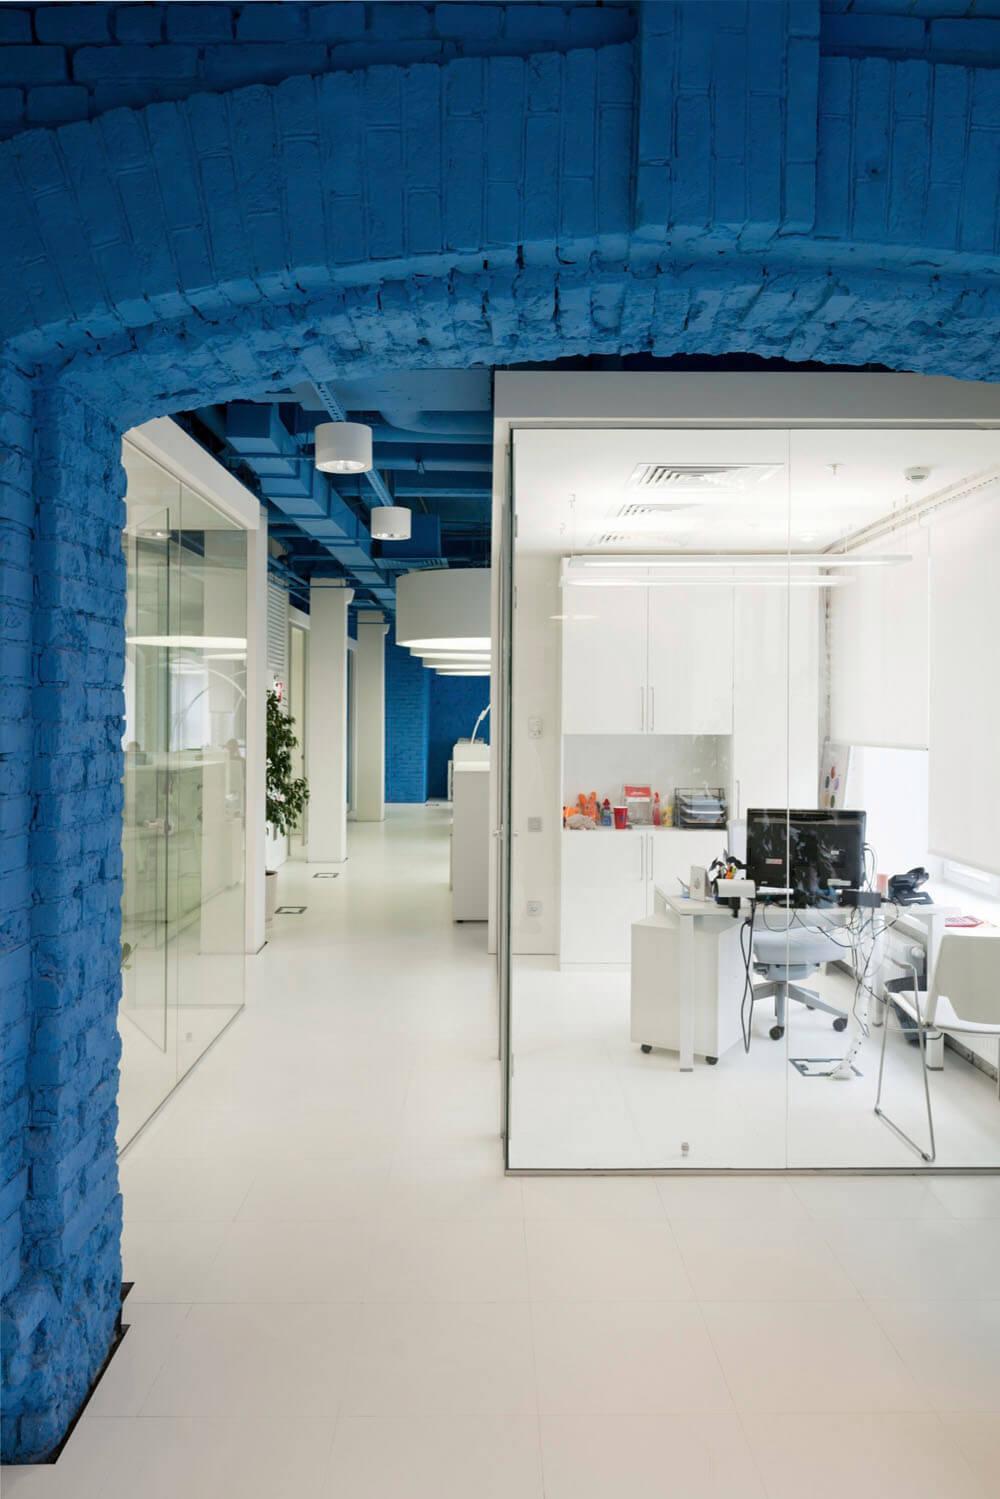 Креативное оформление офиса синий потолок, белые балки и пол, стеклянные стены офисов - фото 2